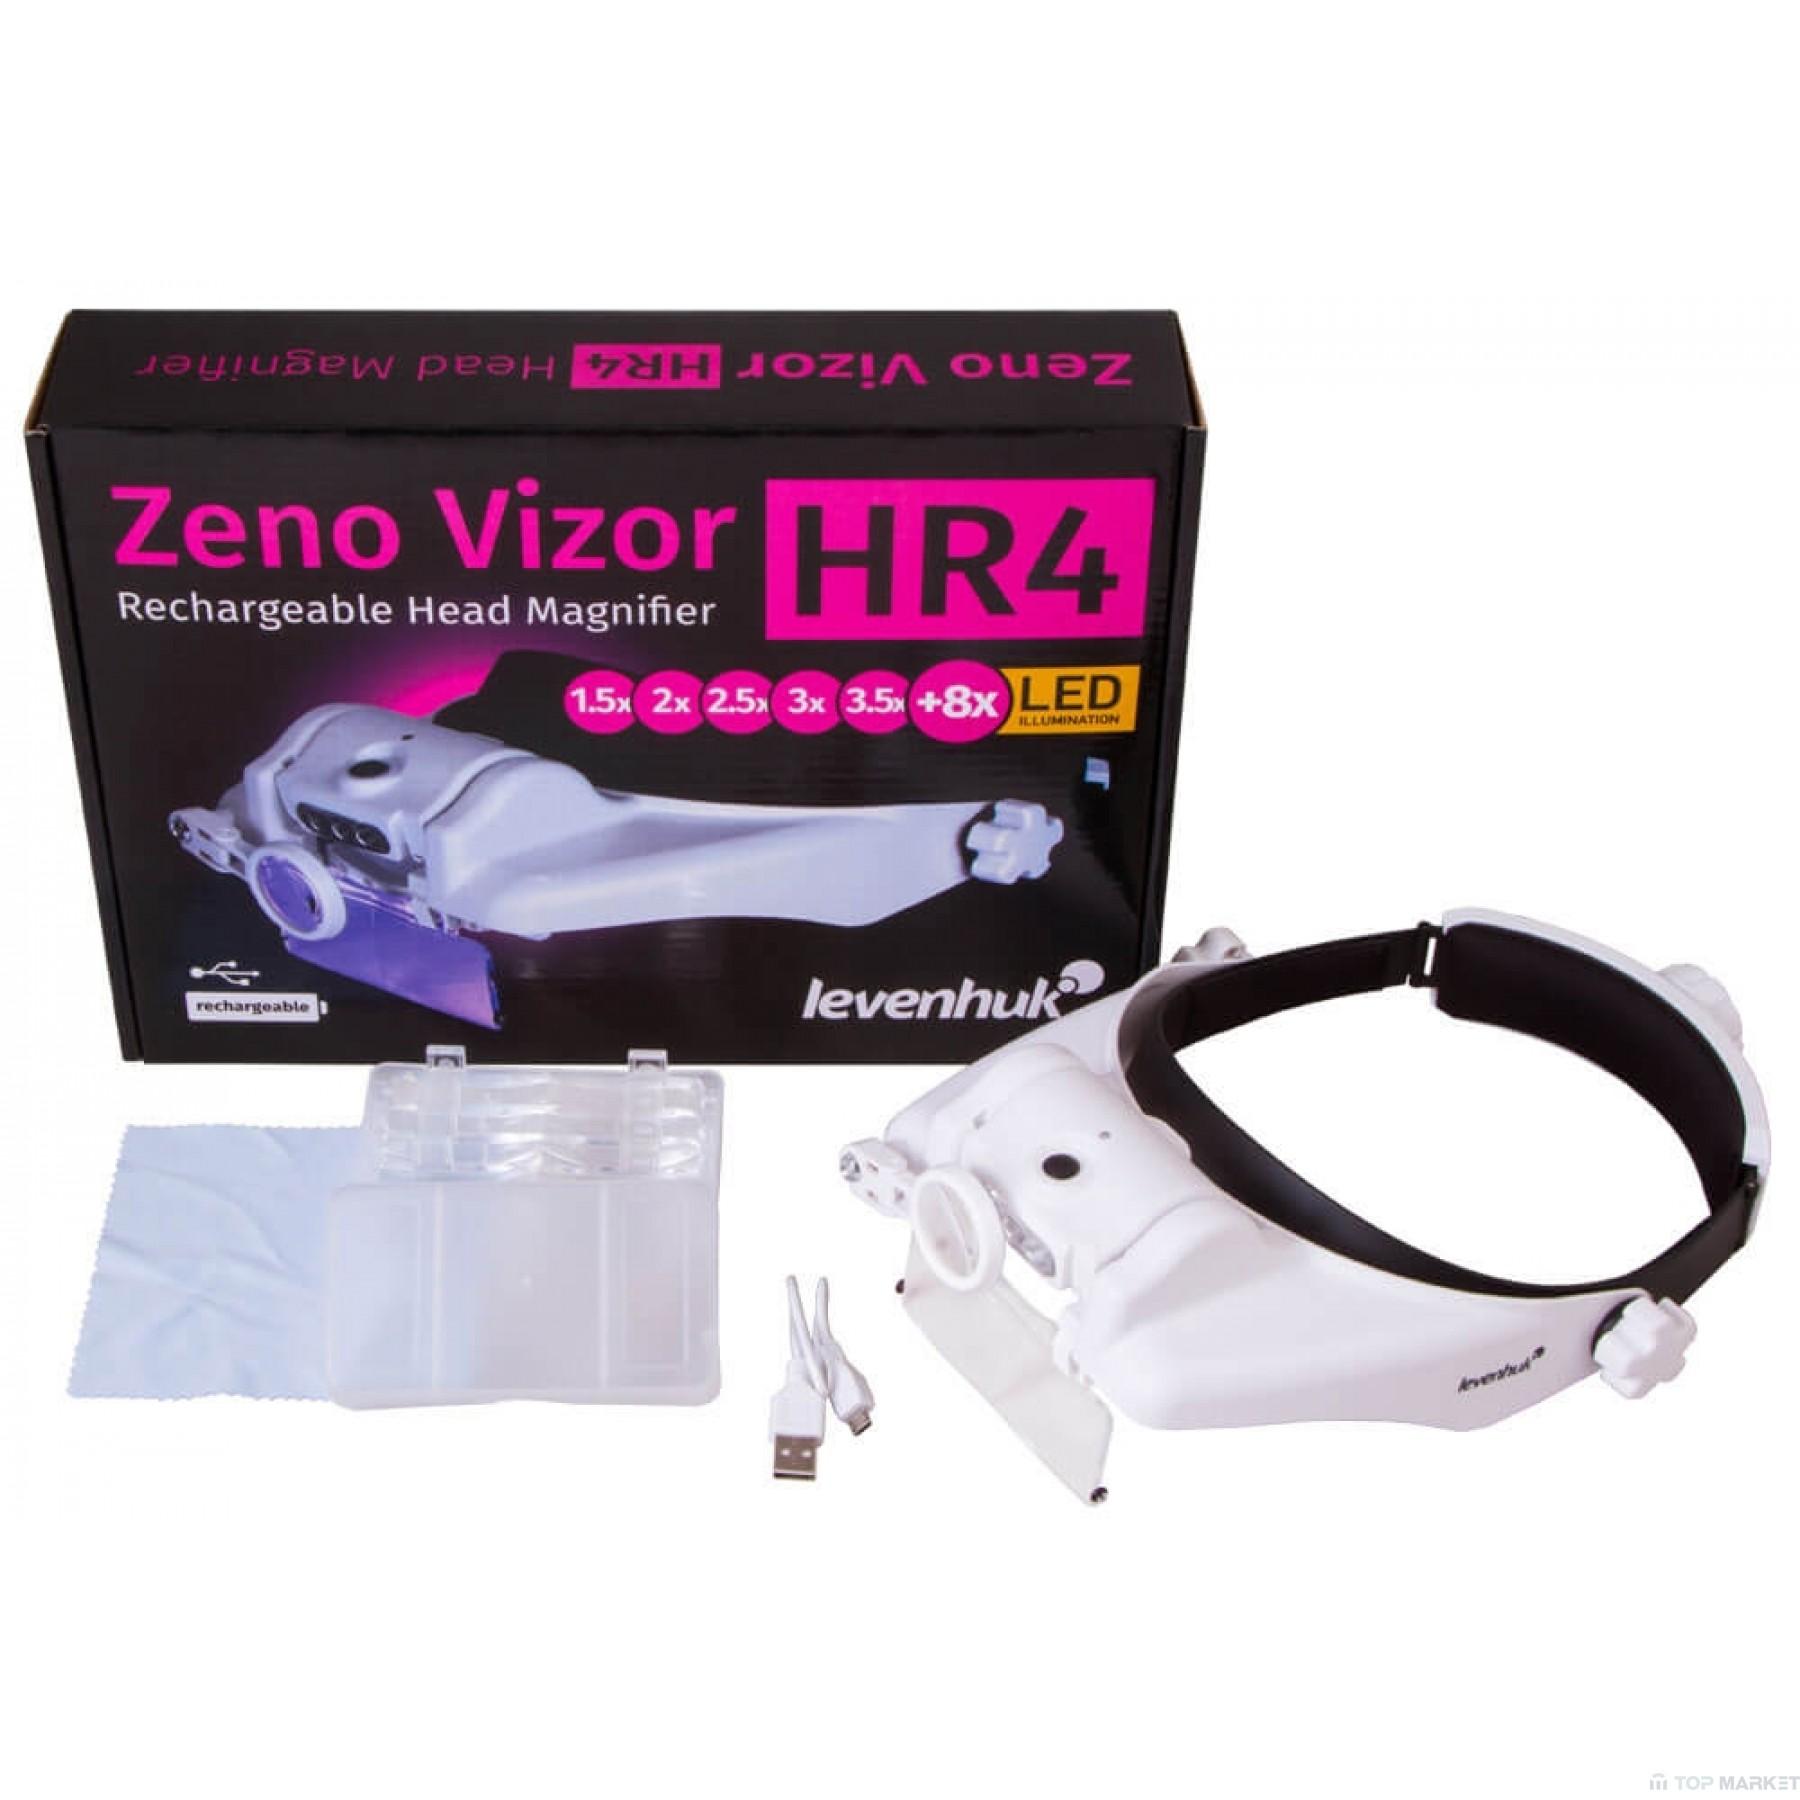 Лупа за глава с акумулатор LEVENHUK Zeno Vizor HR4